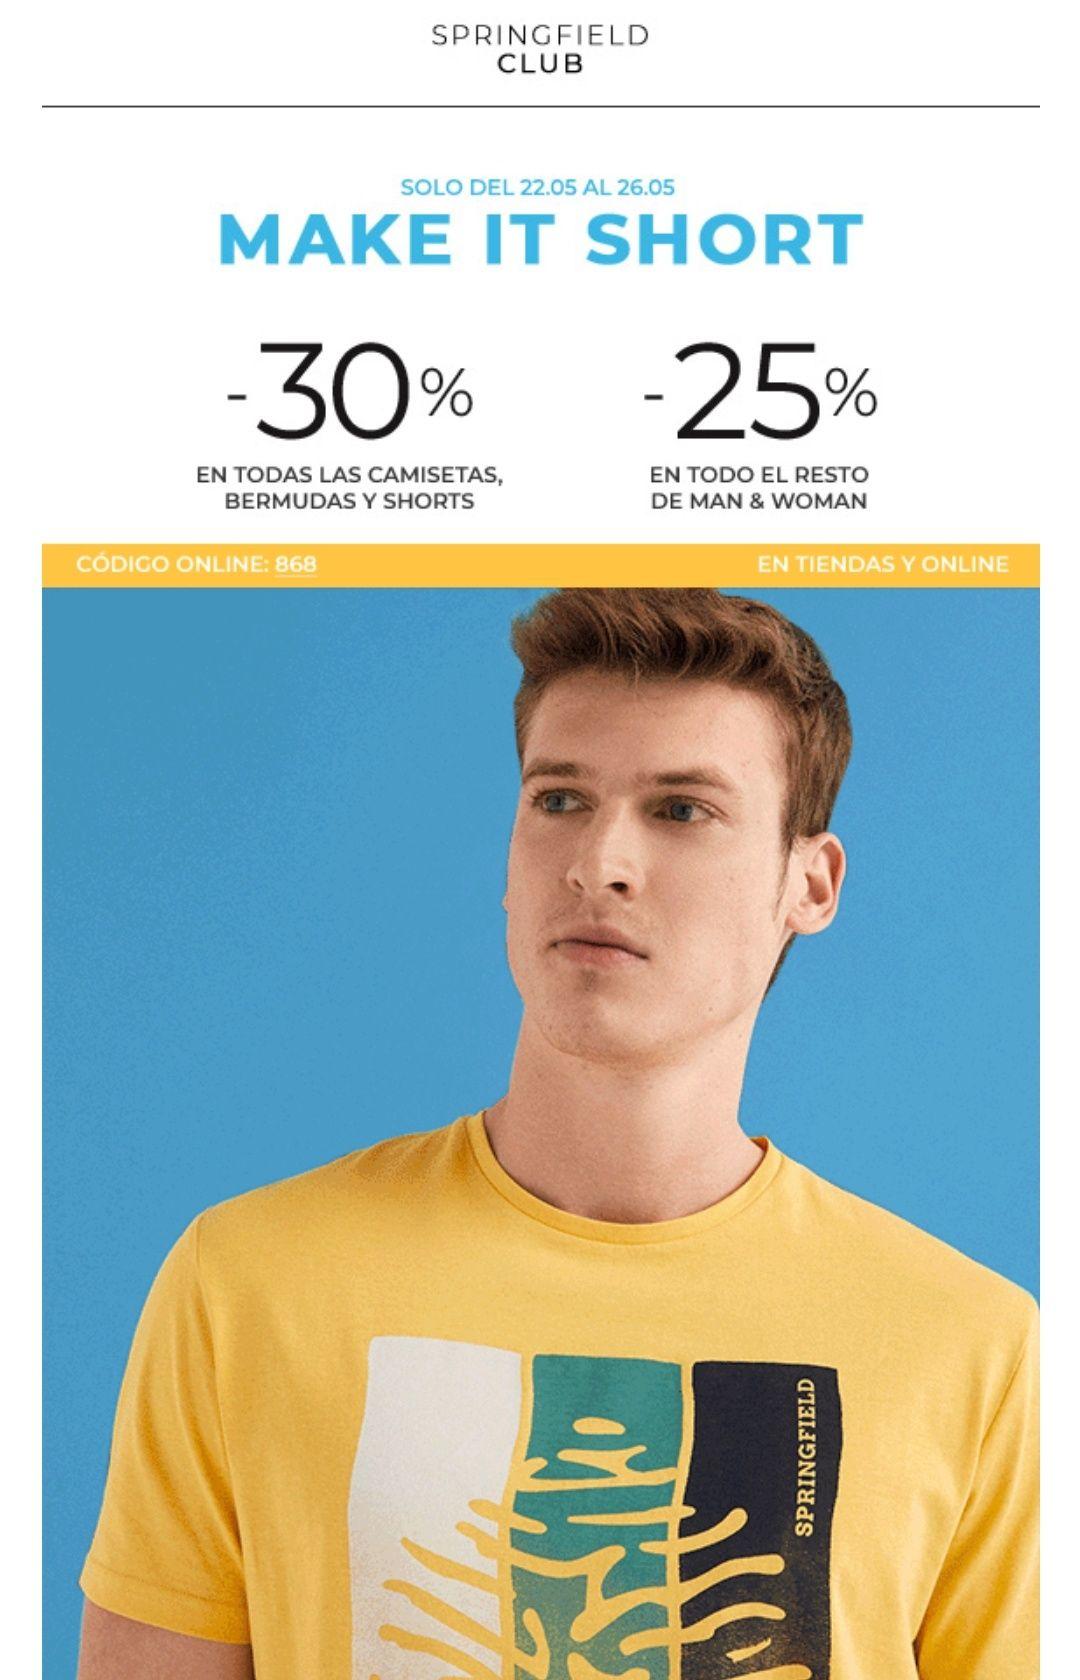 EXCLUSIVO: -30% en TODAS las camisetas, bermudas y shorts y -25% en TODO lo demás.